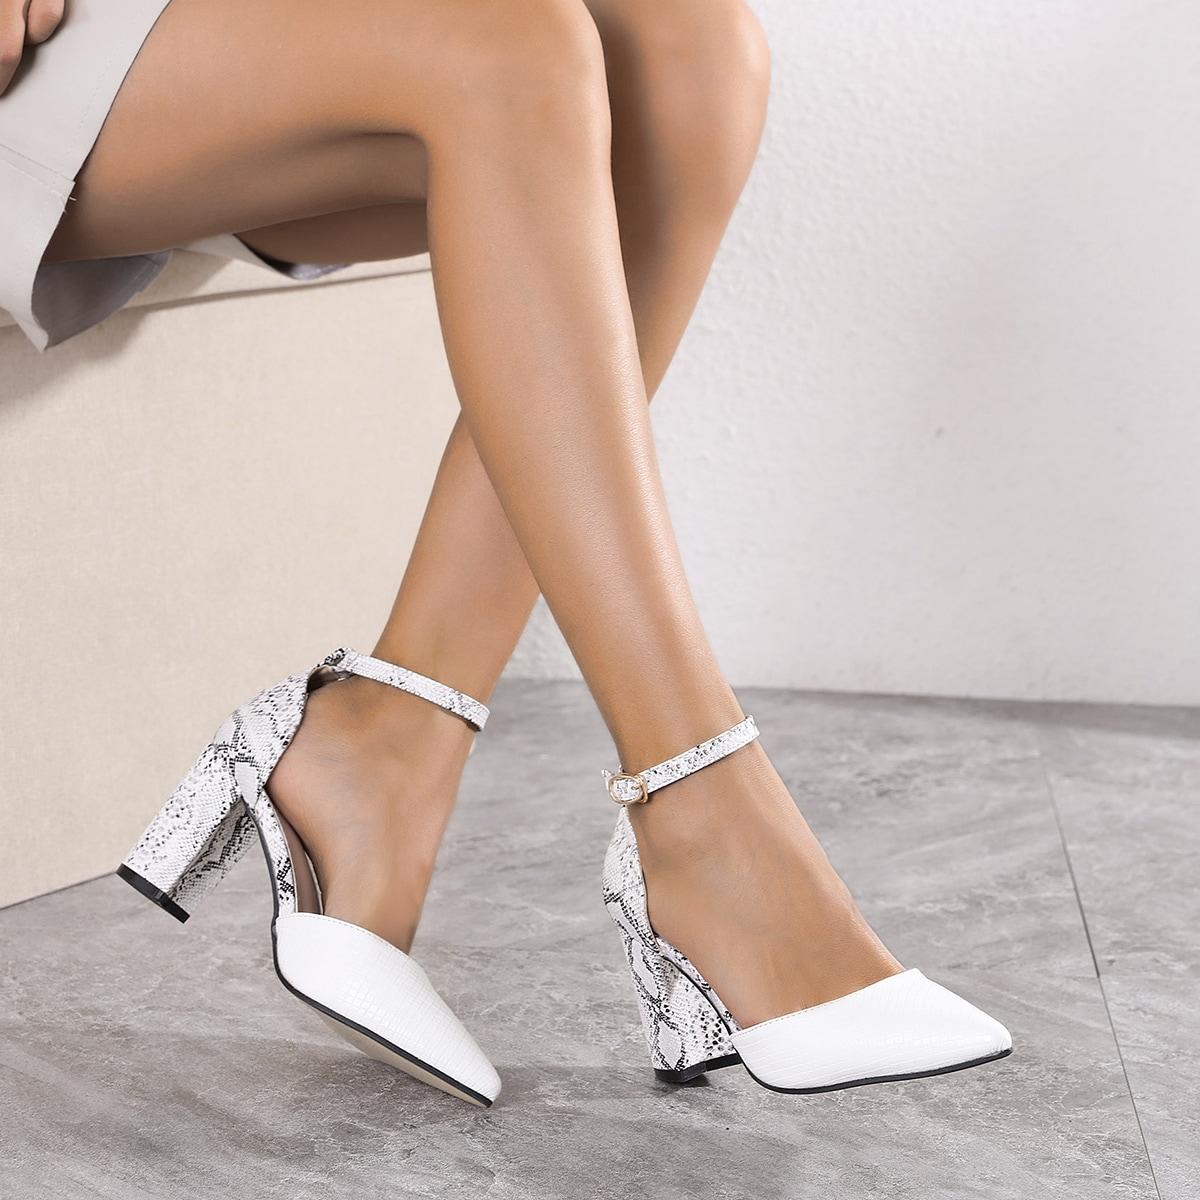 Остроконечные туфли со змеиным принтом